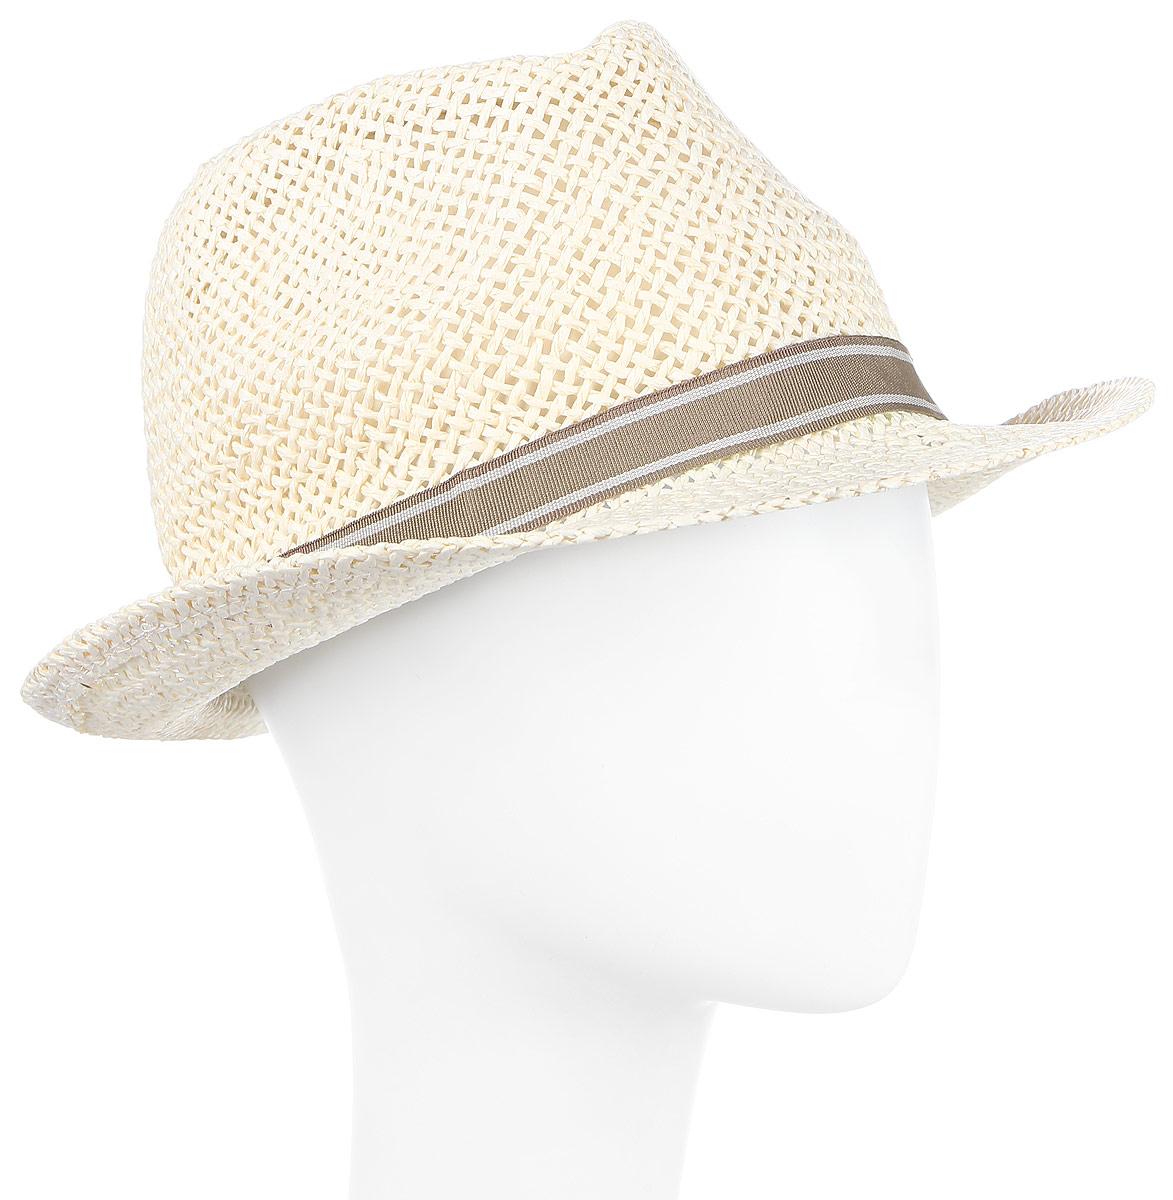 ШляпаHtM141004Традиционная шляпа-федора с декоративной лентой. Модель для расслабленного отдыха. Плетение хорошо пропускает воздух.